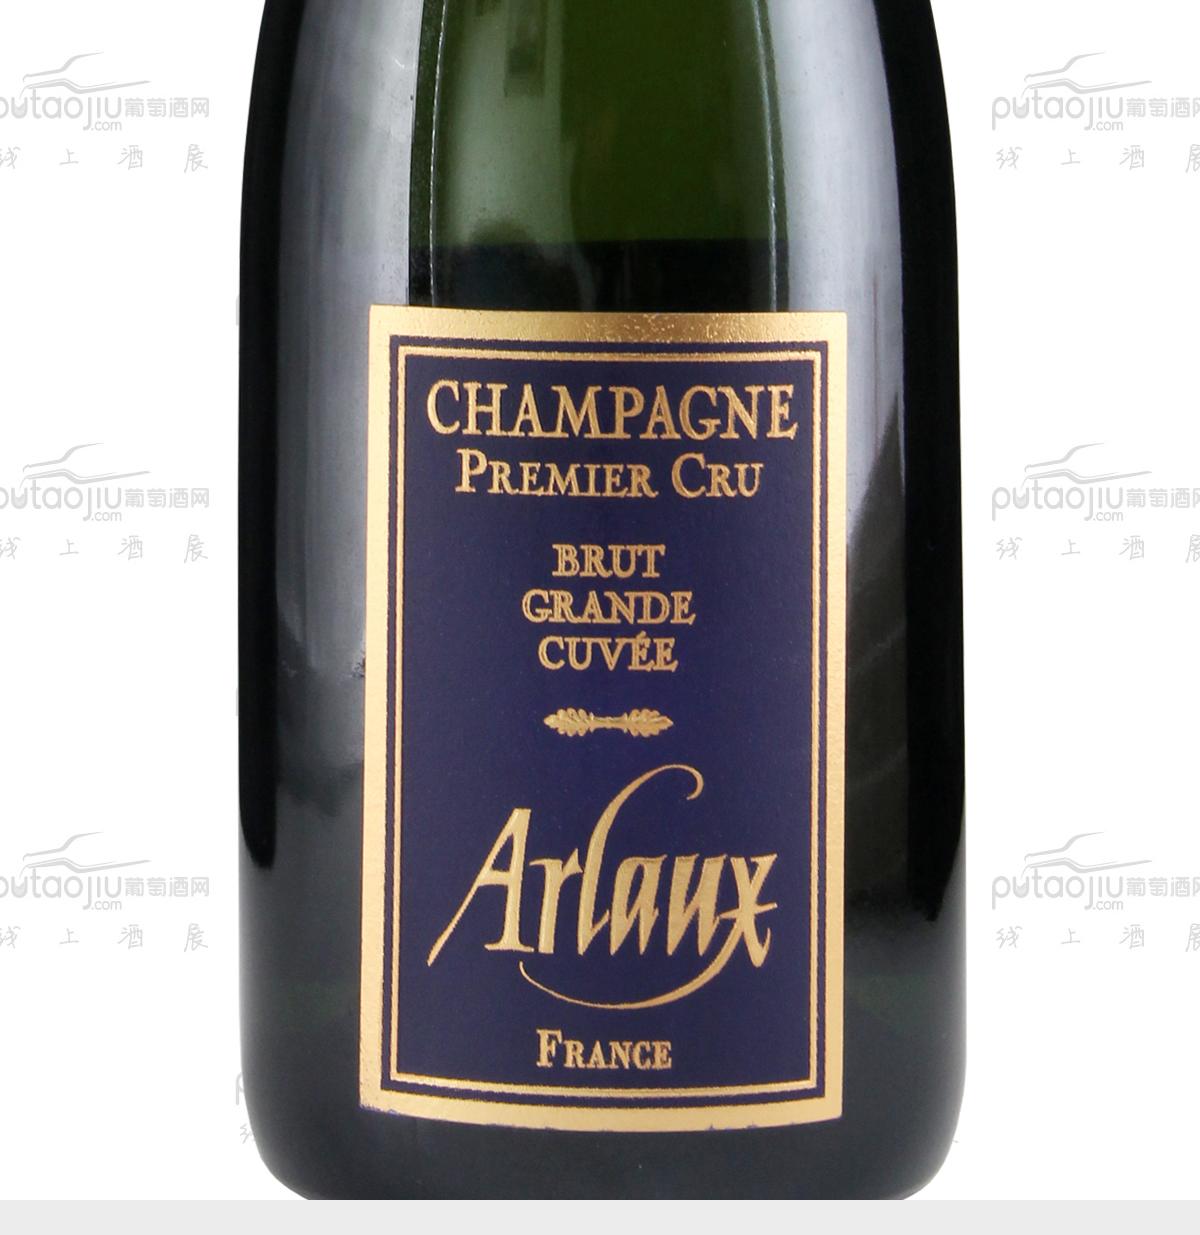 爱禄一级庄园香槟